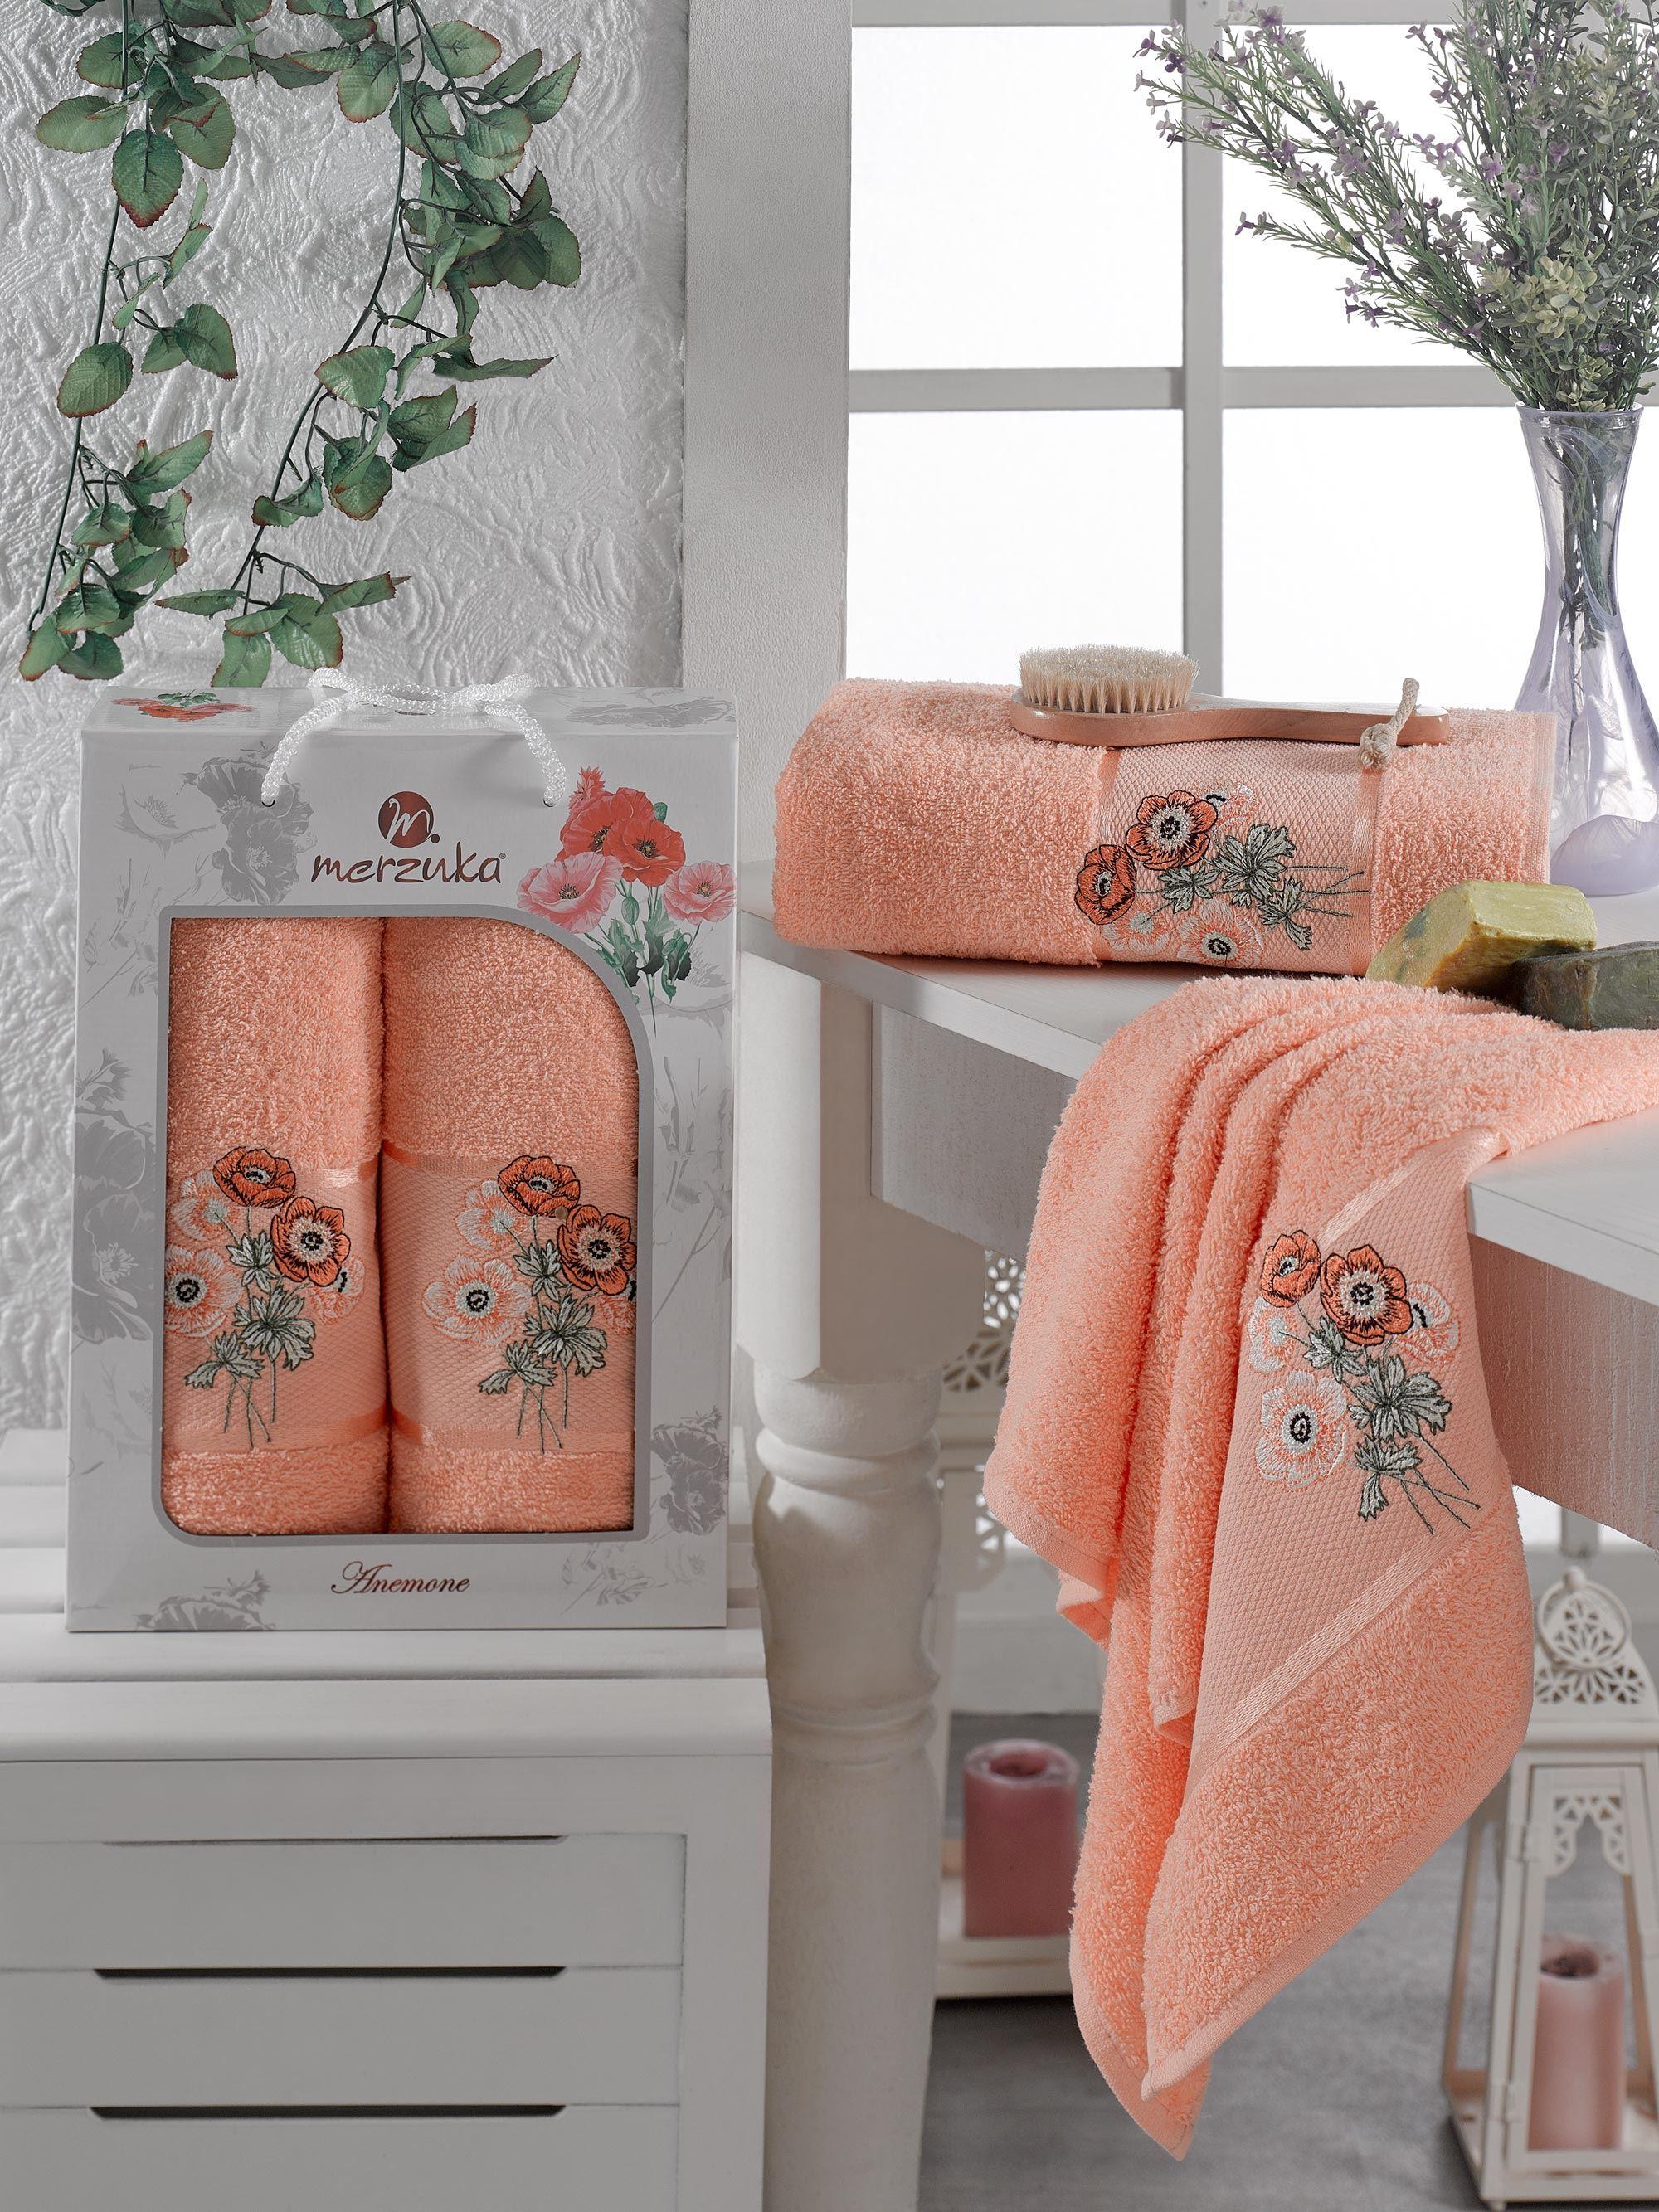 Полотенца Oran Merzuka Полотенце Anemone Цвет: Оранжевый (50х80 см,70х130 см) оранжевый prime м 50х90 70х130 в коробке набор полотенец фиеста